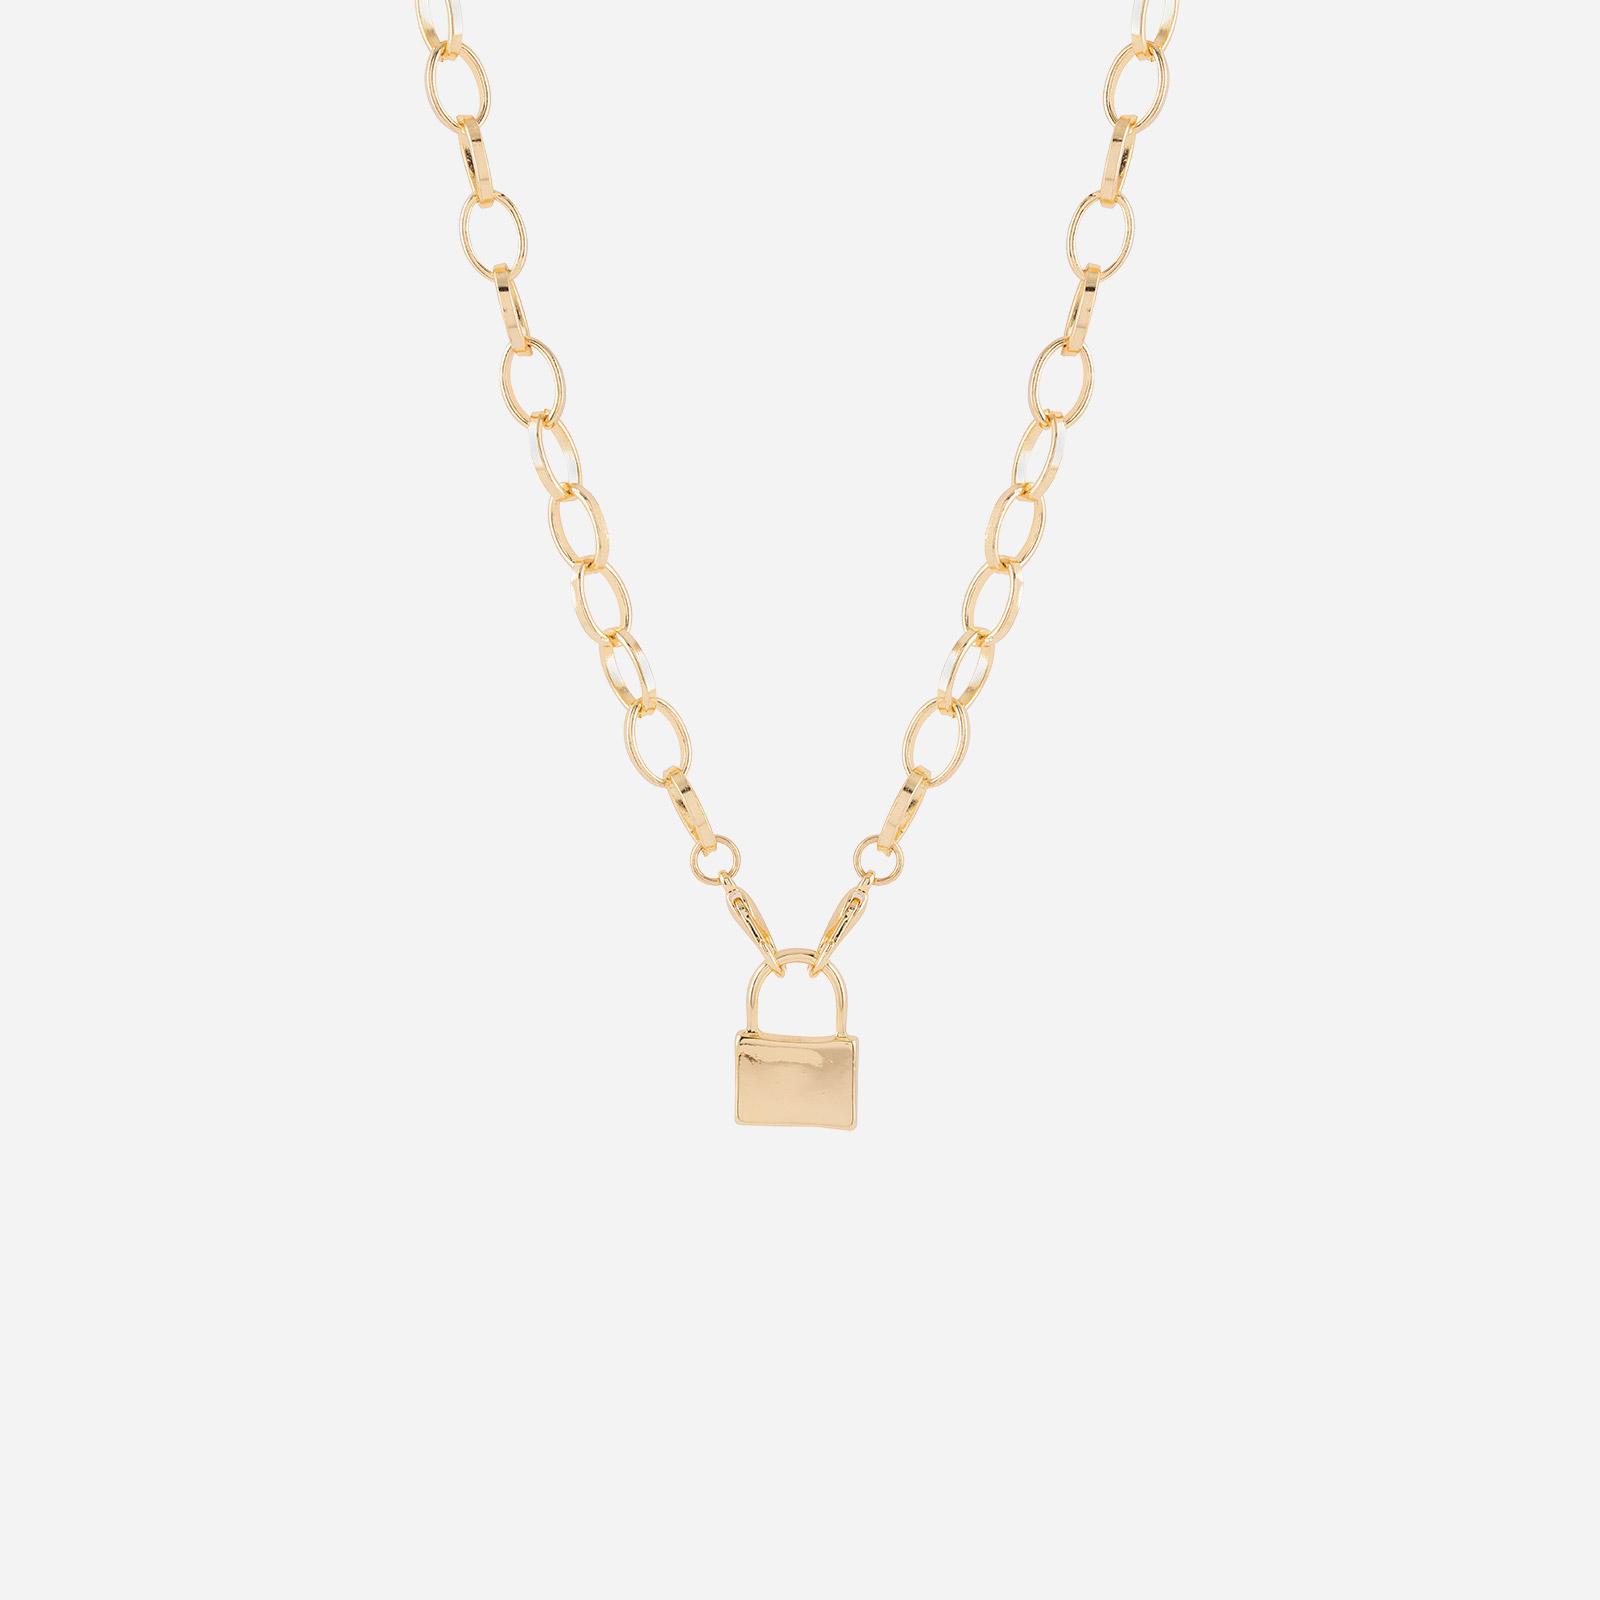 Halsband - Guldfärgad kedja med hänglås